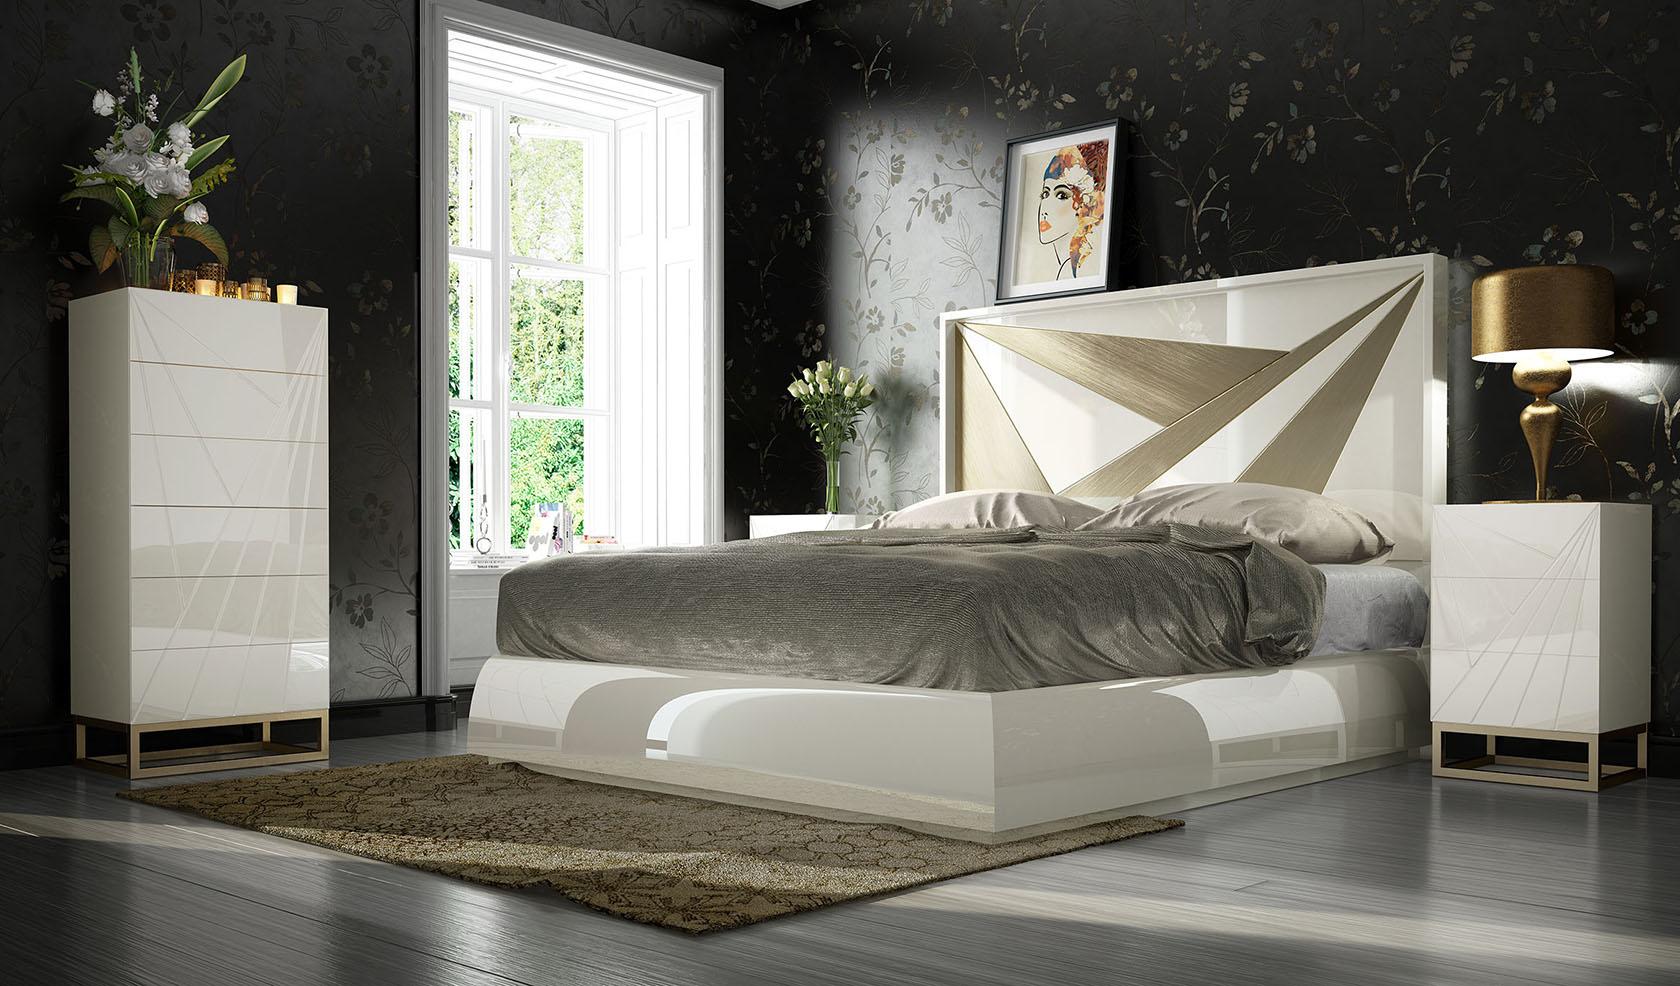 Dormitorios_Contempóraneos_(7)